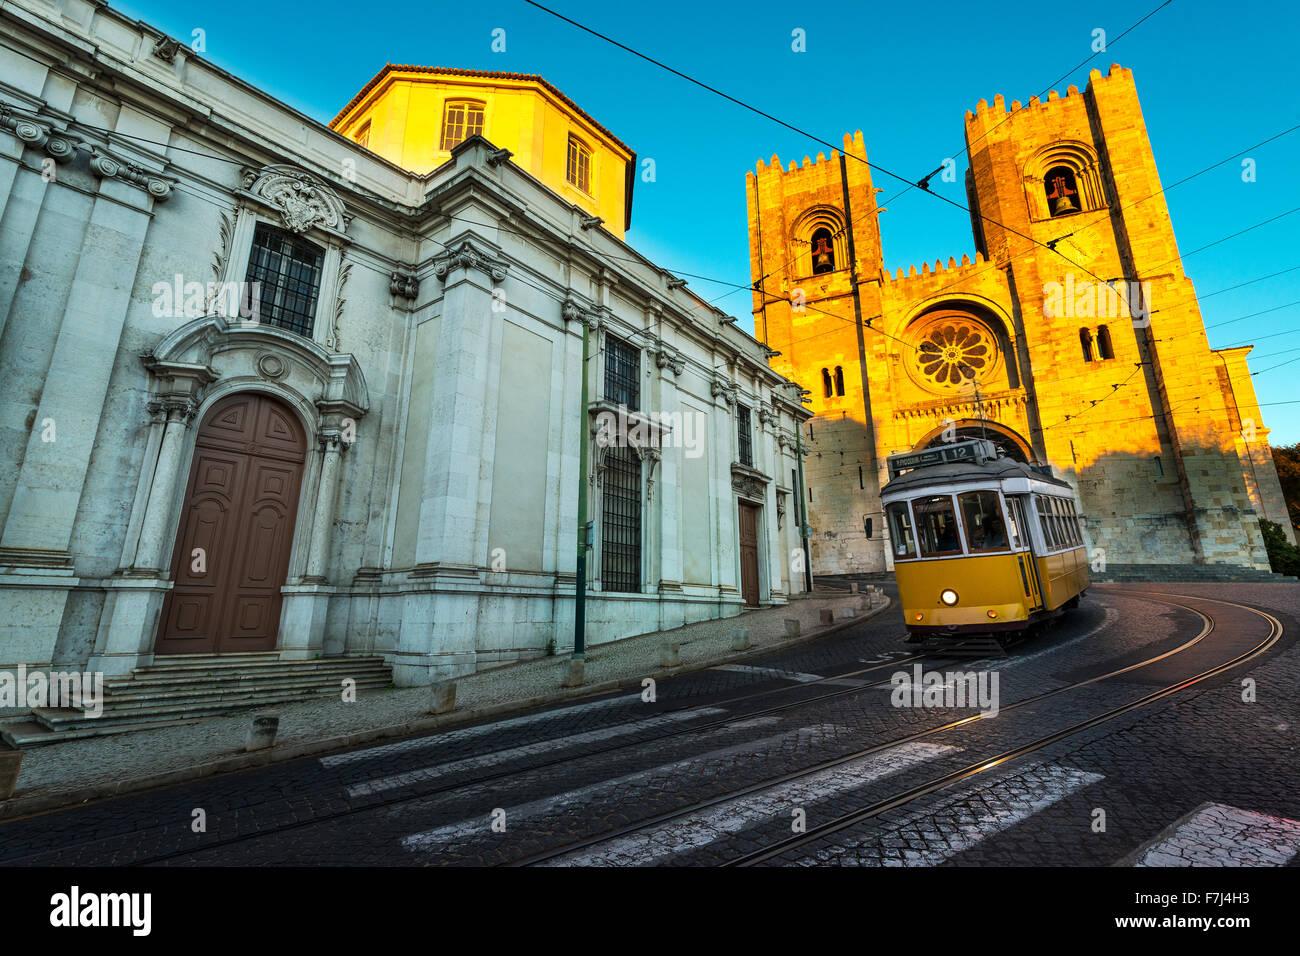 Straßenbahn vor der Kathedrale von Lissabon bei Sonnenuntergang Stockbild